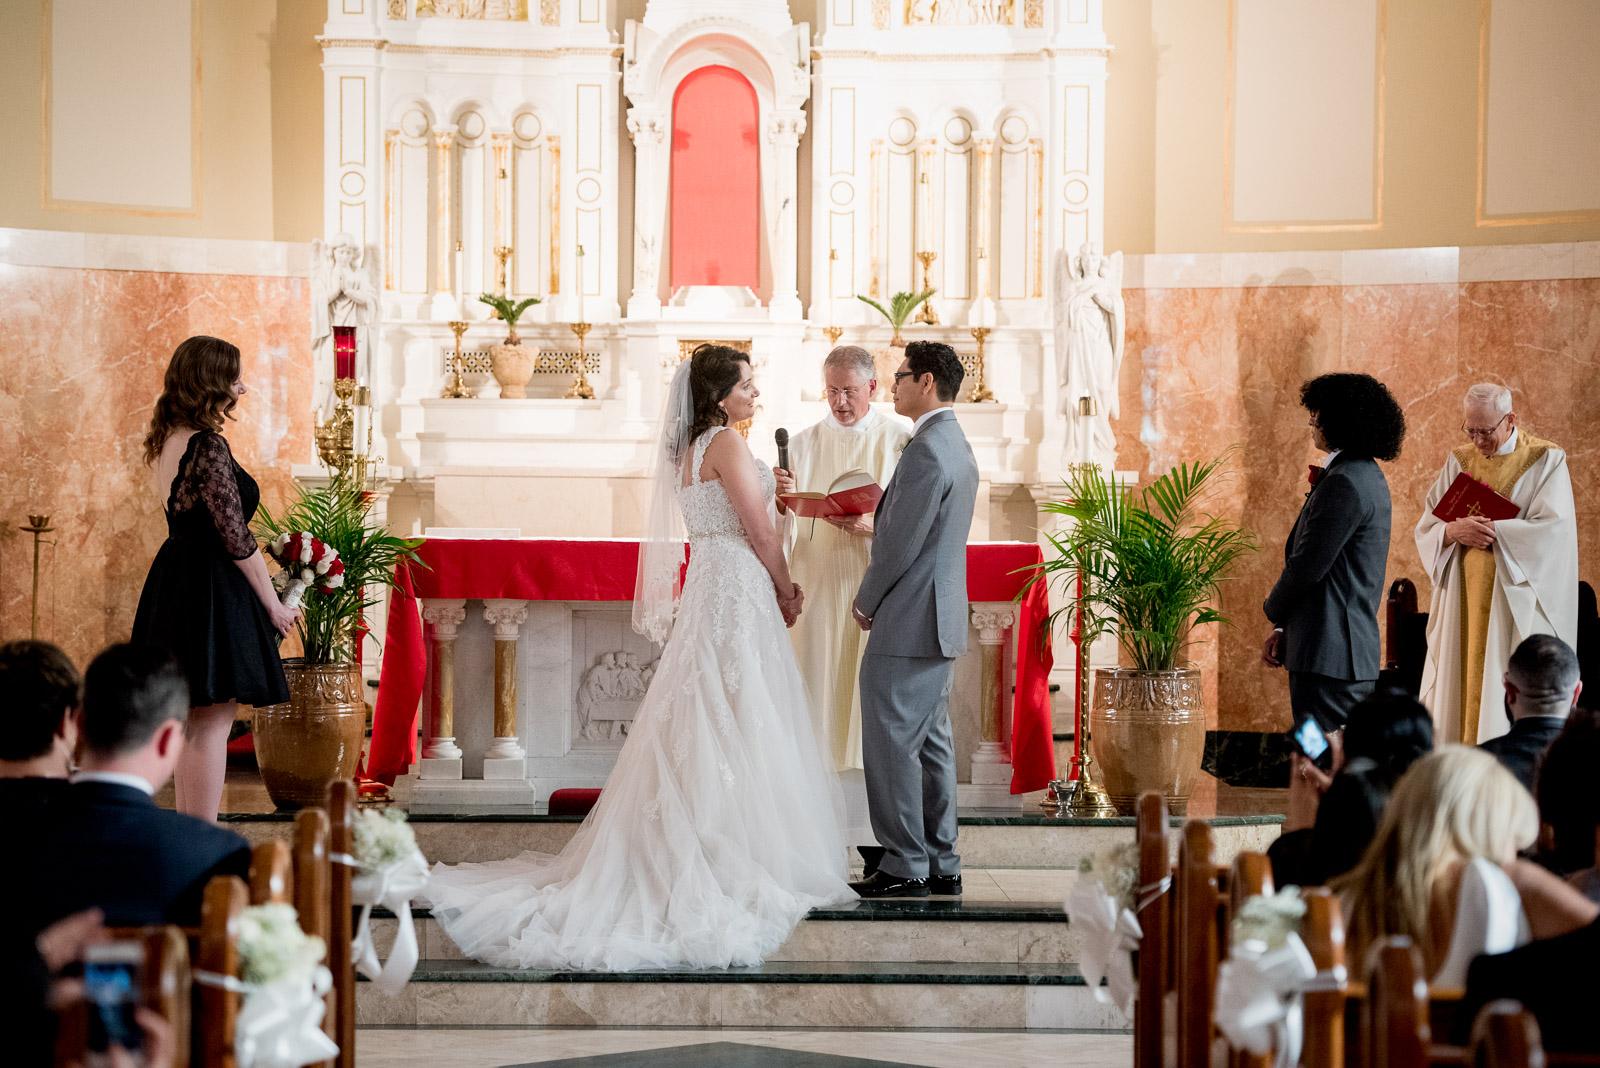 tara-yareb-wedding-015-blog.jpg